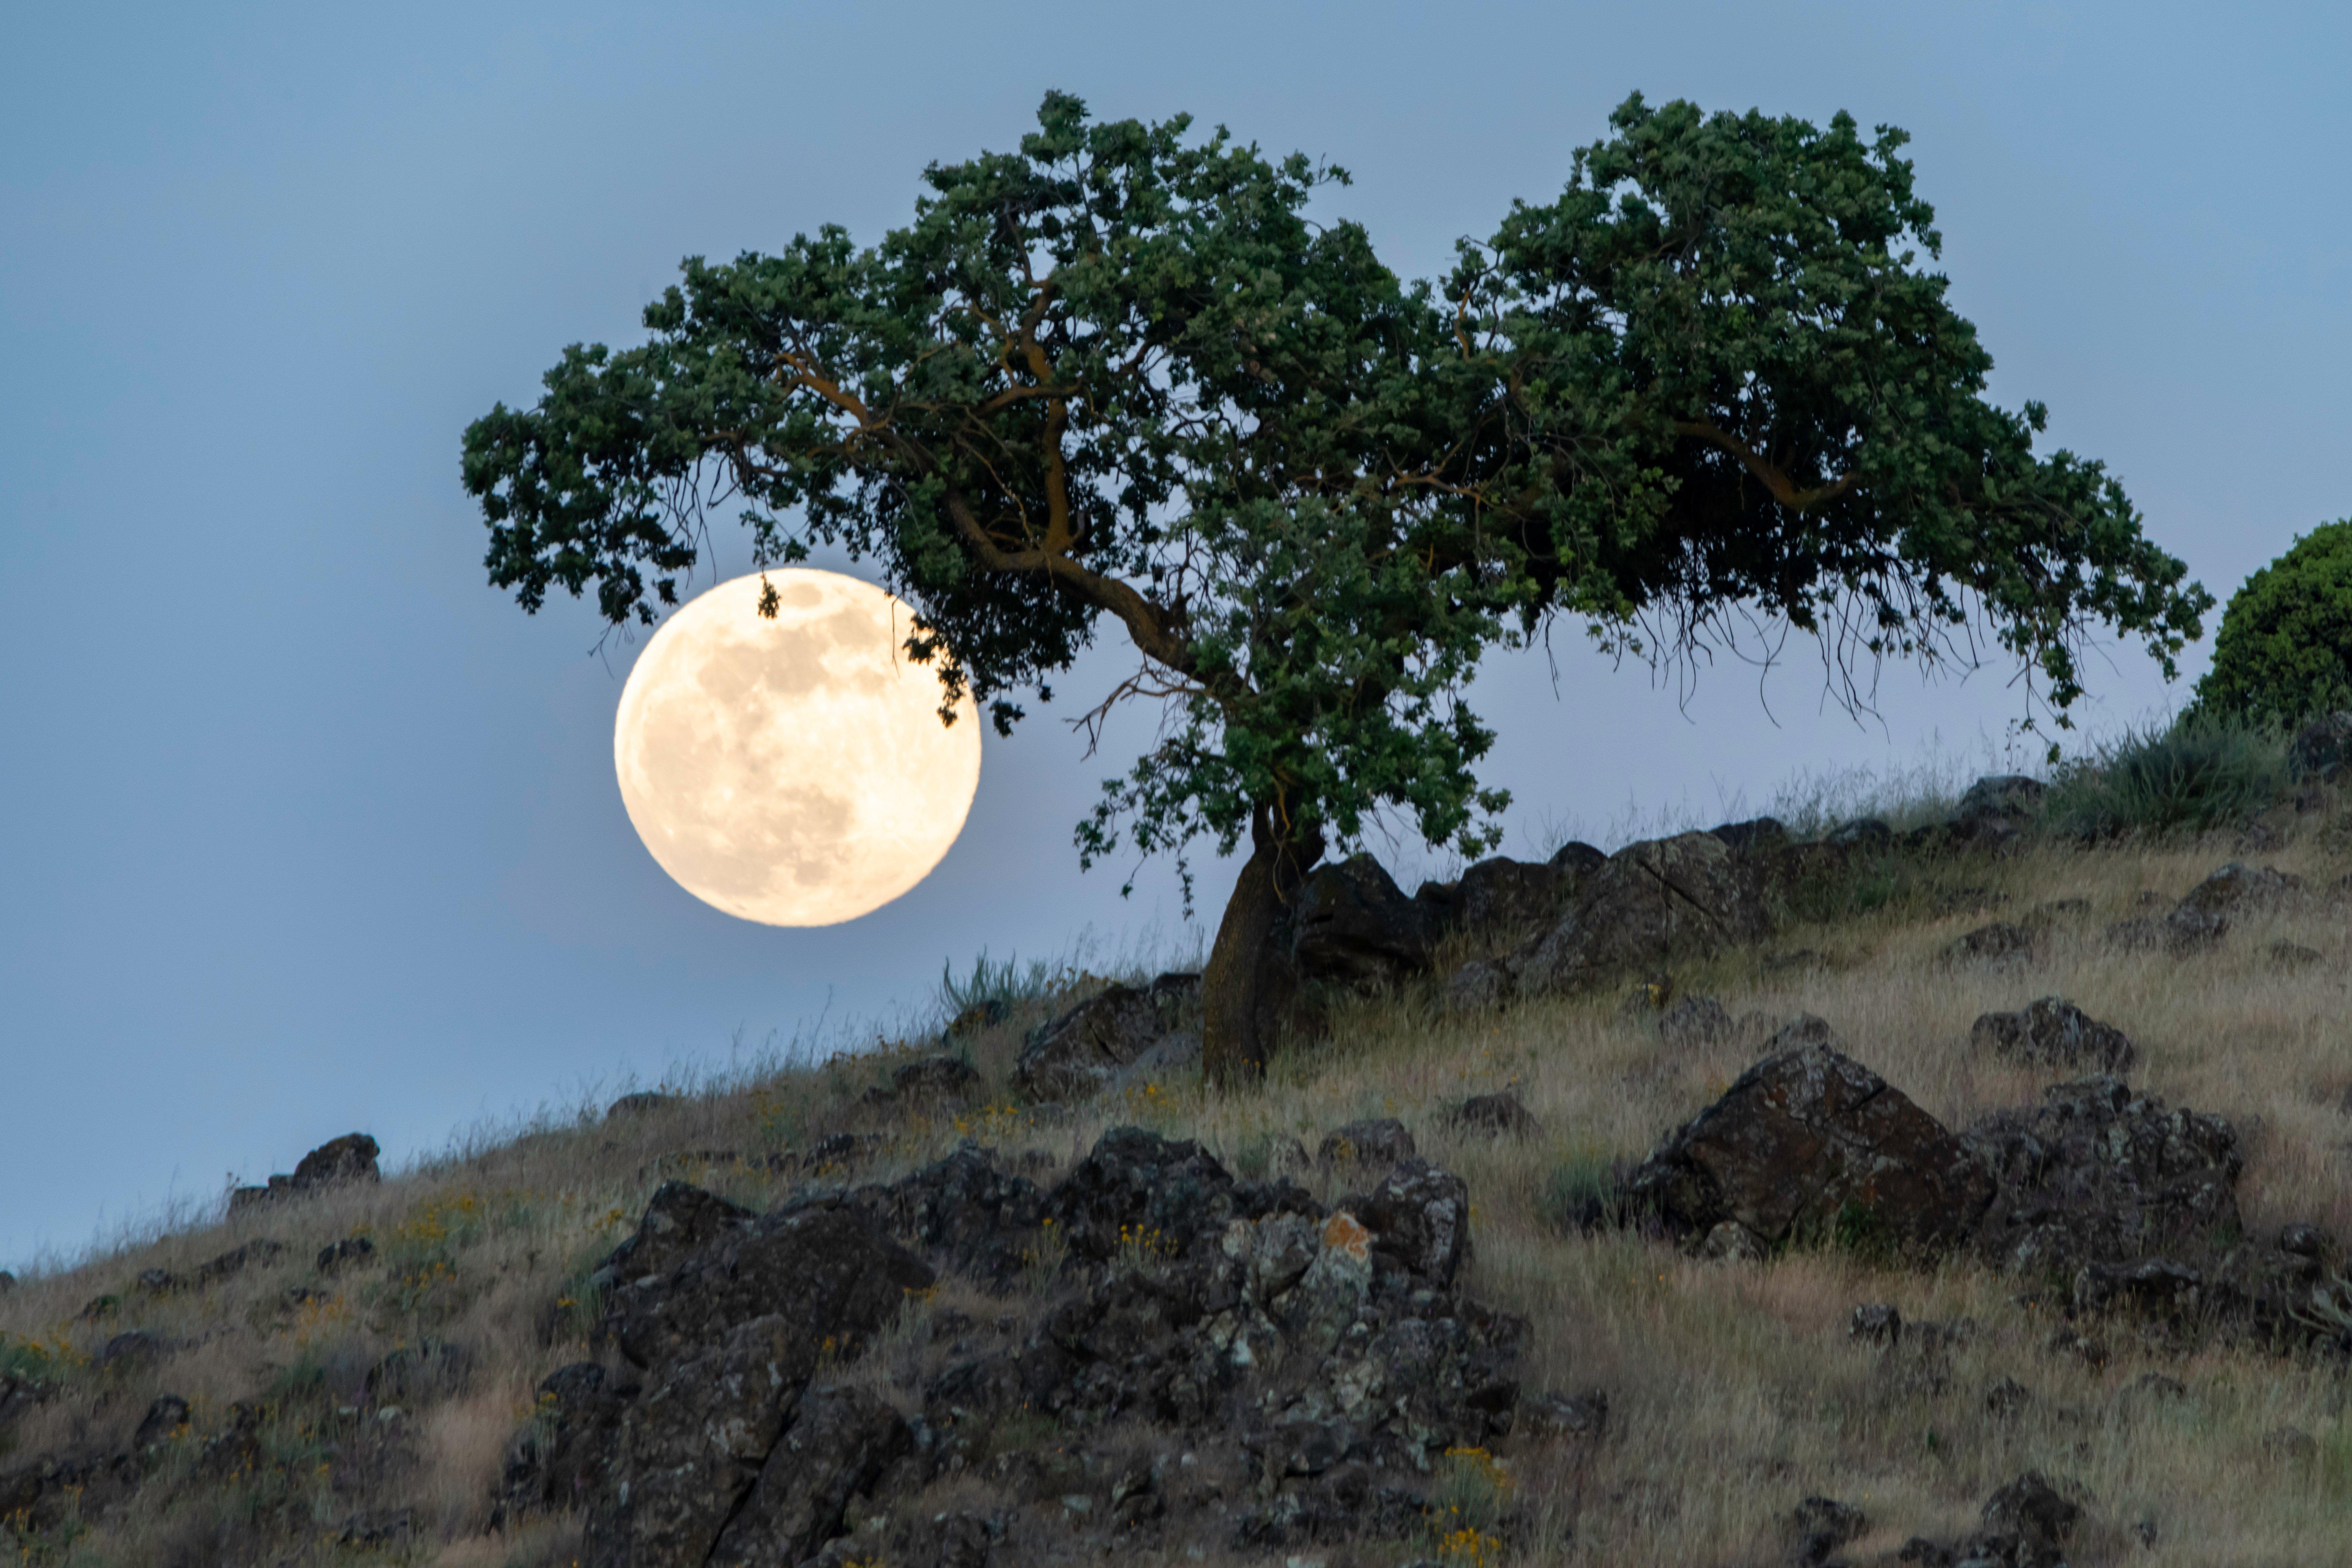 CVAL - Full Moon - D.Neumann - 2020-05-05 - 1